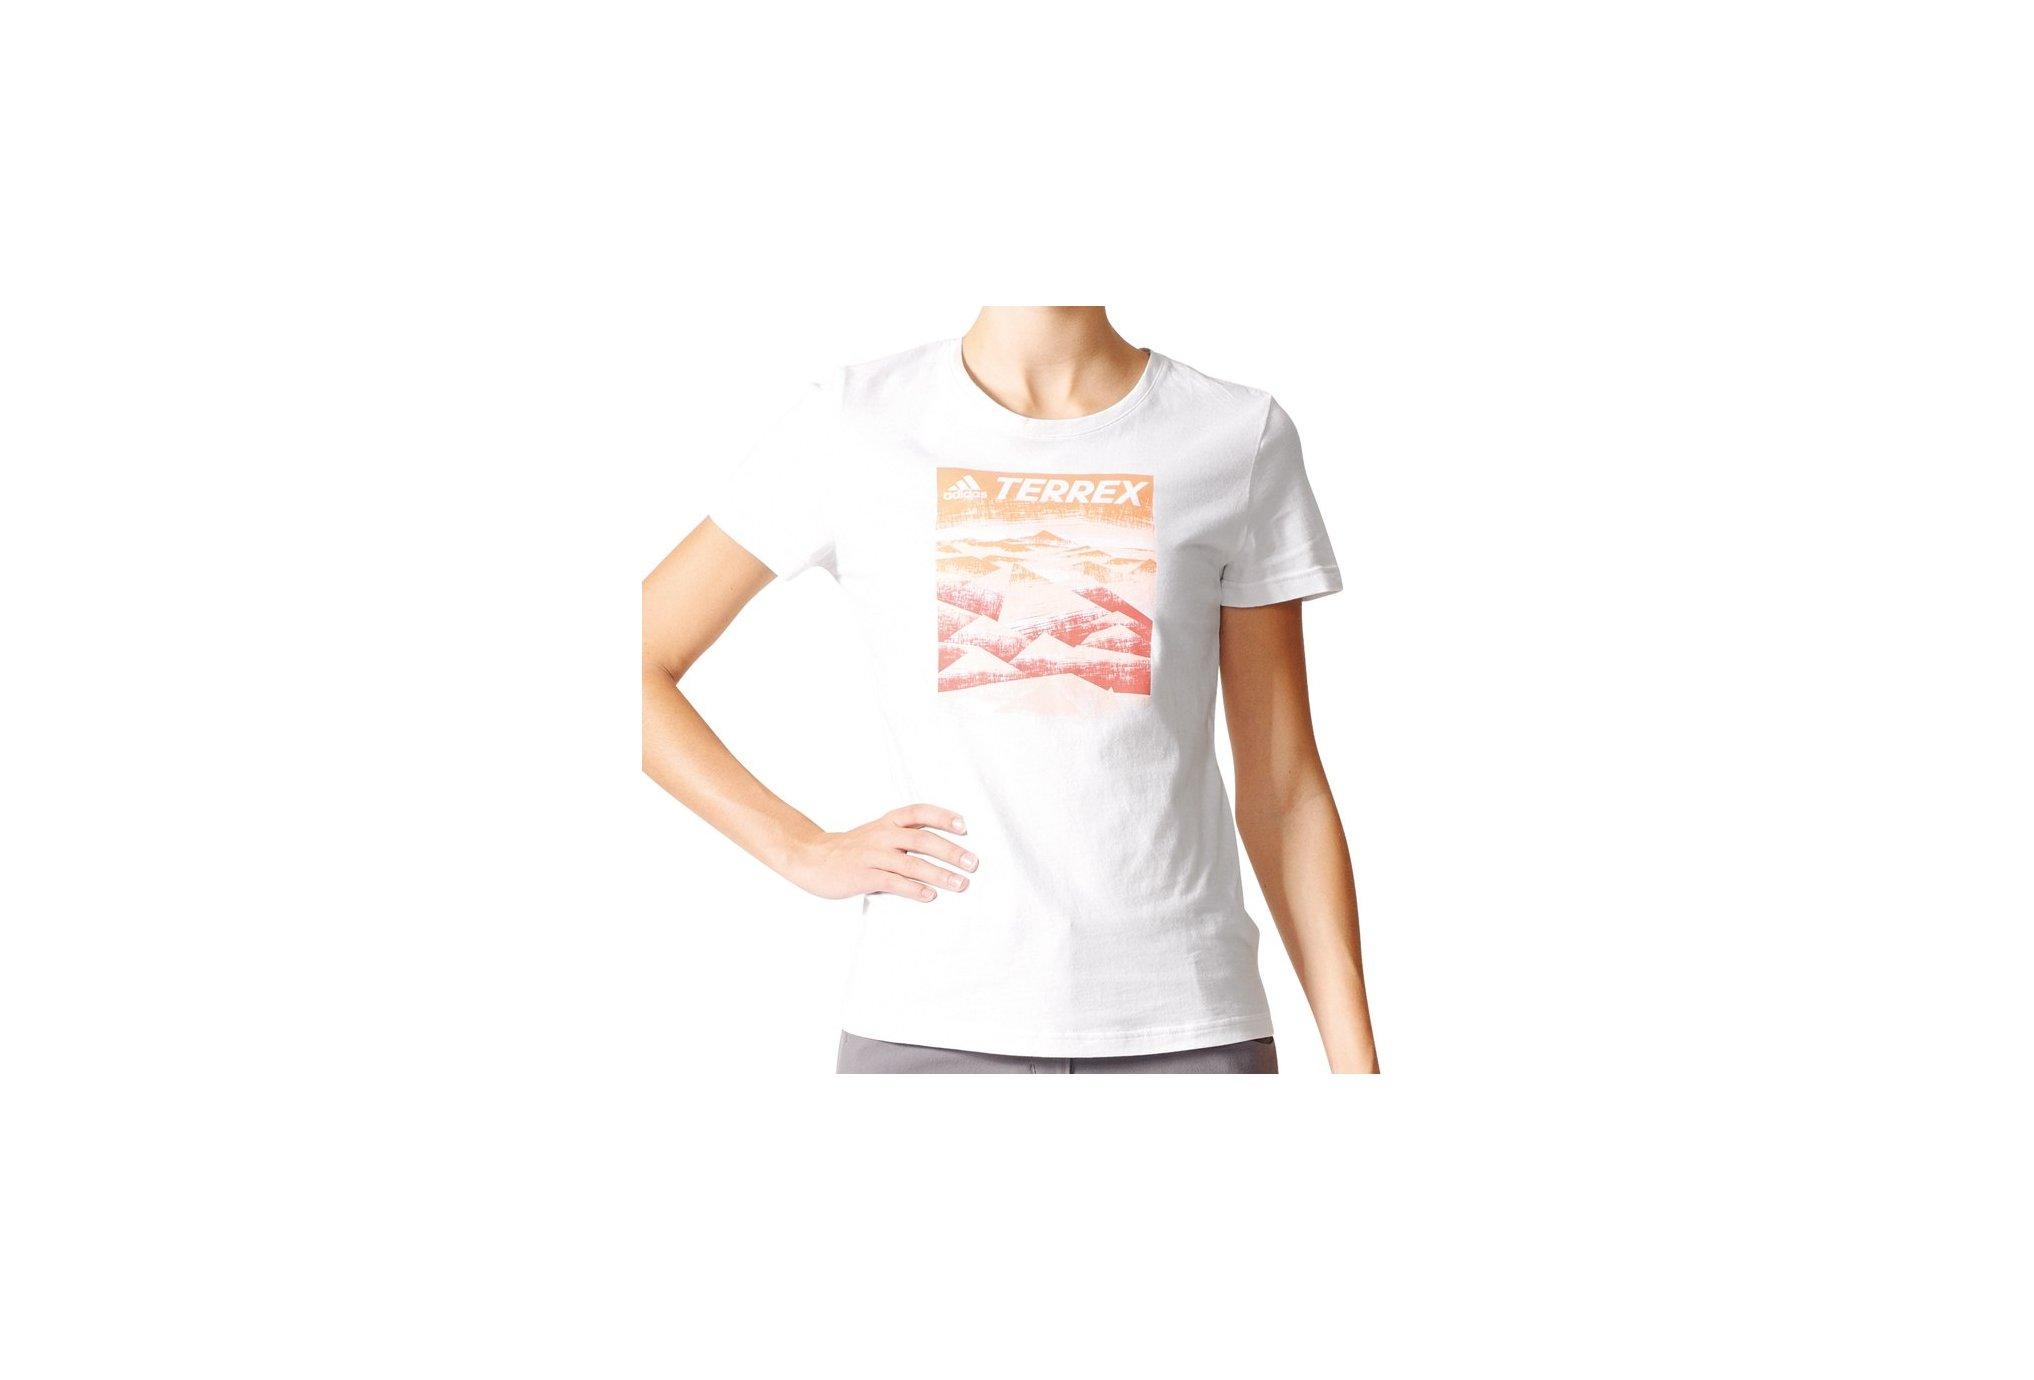 Adidas Terrex mountain w vêtement running femme